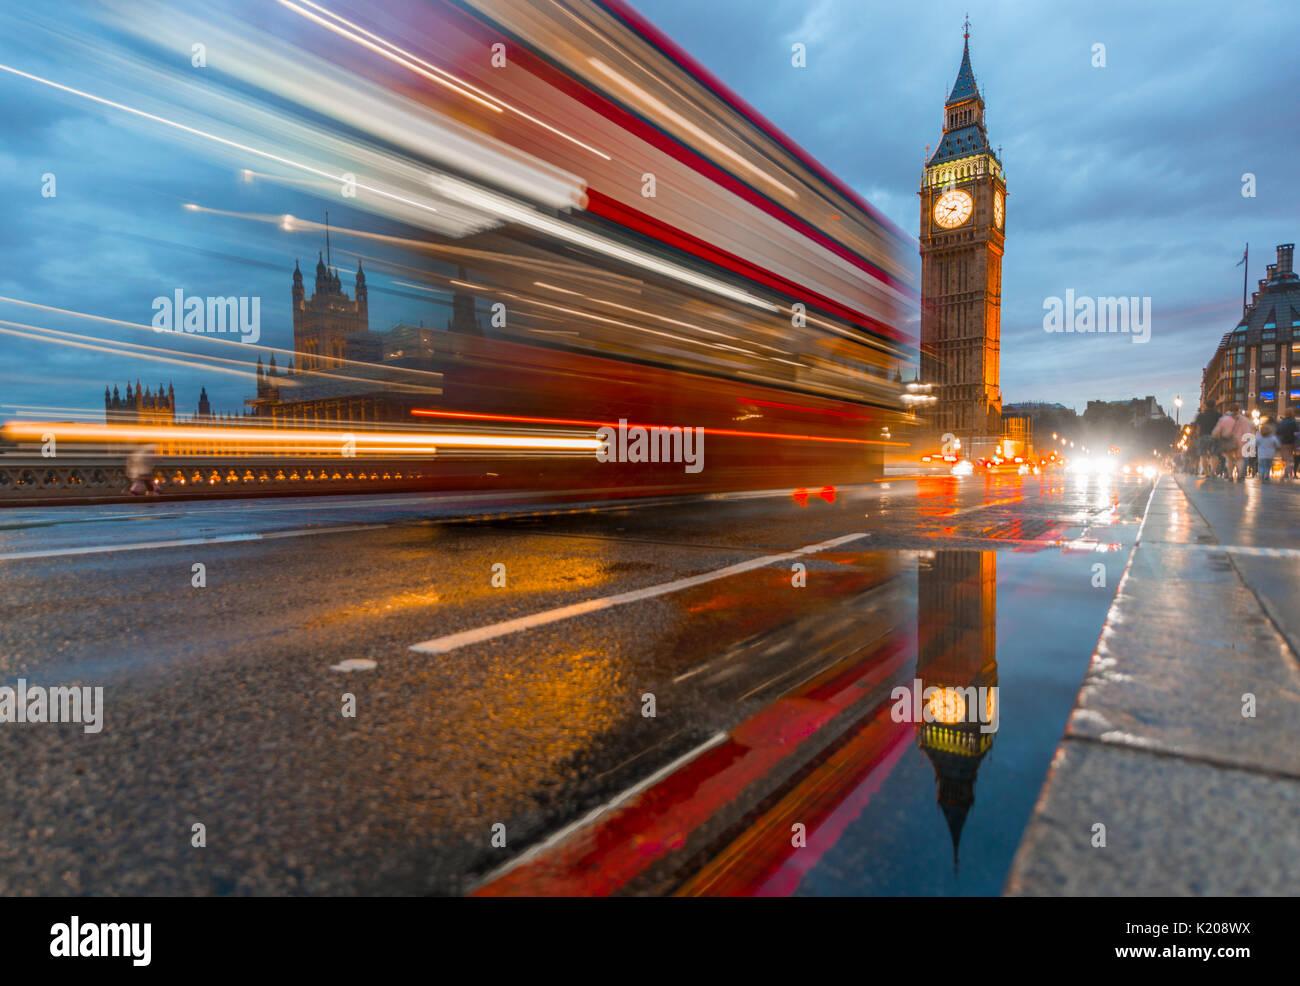 Tracce di luce, doppio ponte di bus, Westminster Bridge, Palazzo di Westminster, la Casa del Parlamento con la riflessione, Foto Stock